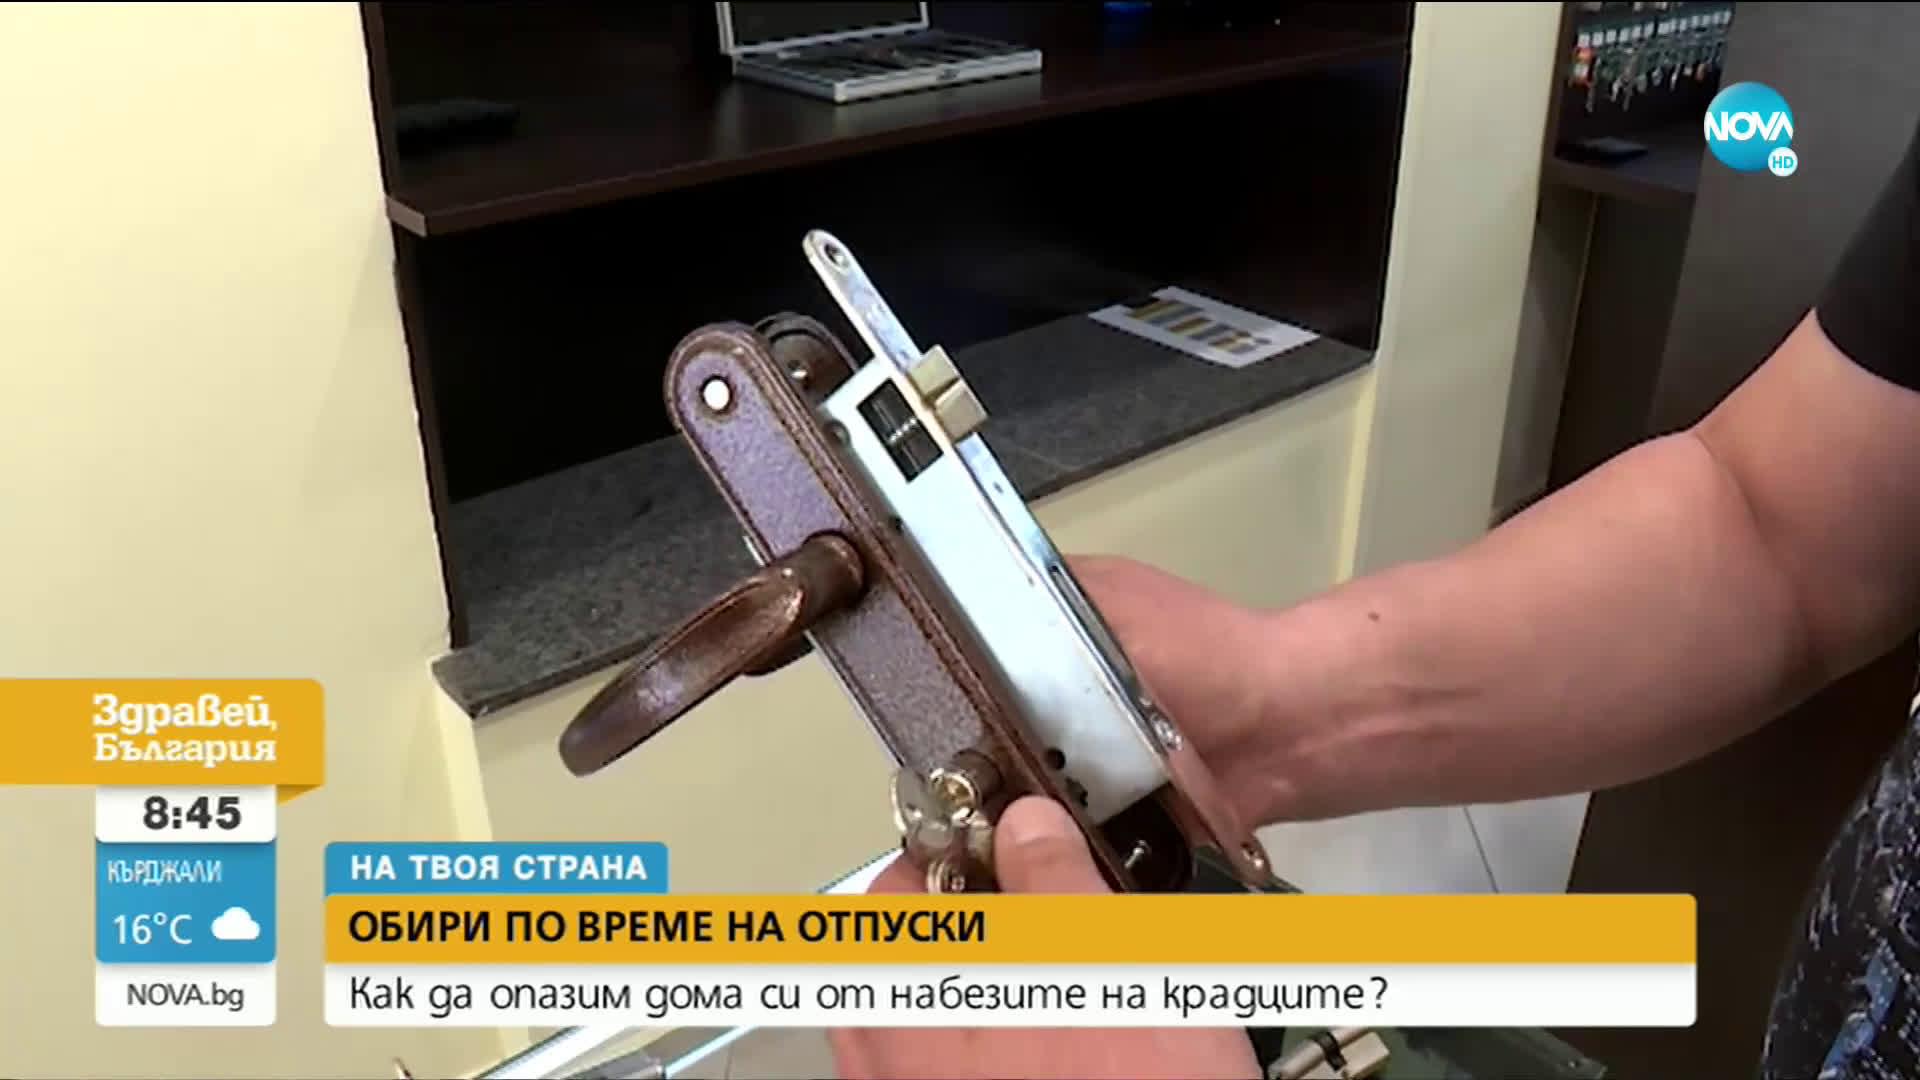 ЕКСПЕРИМЕНТ НА NOVA: Как да опазим дома си от набезите на крадци?